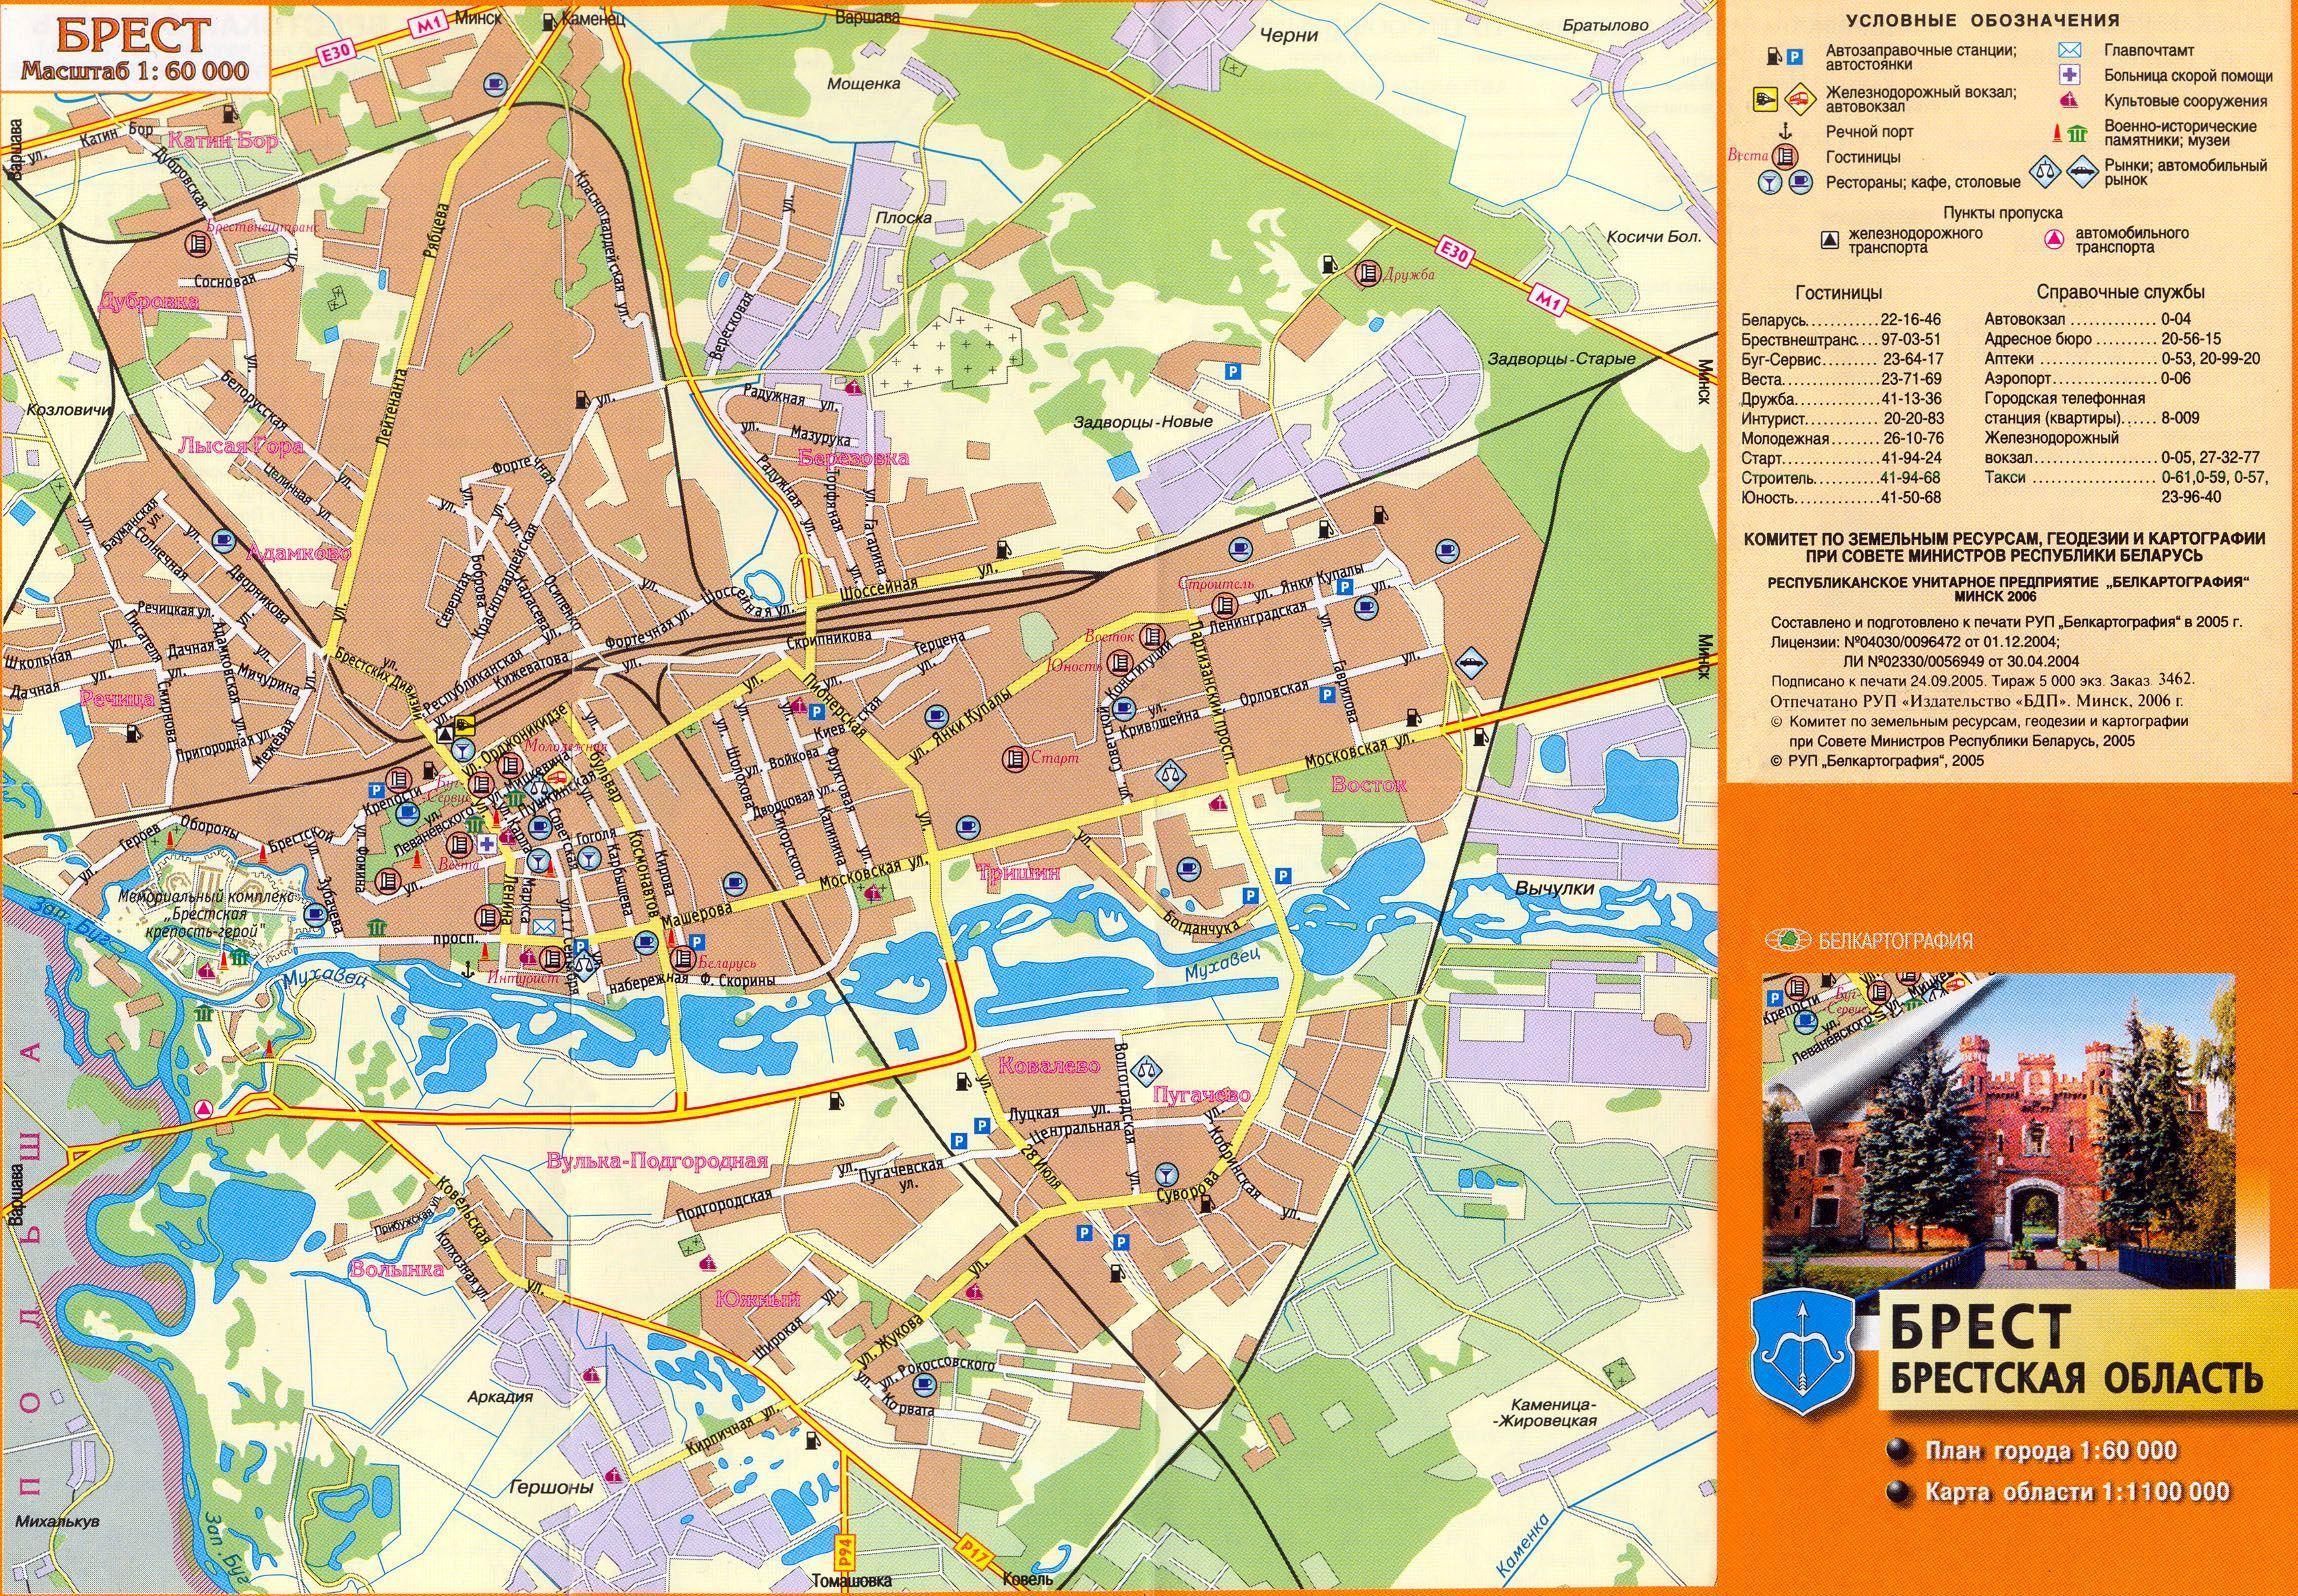 Карта Бреста на русском языке — Туристер.Ру 73a640717e2